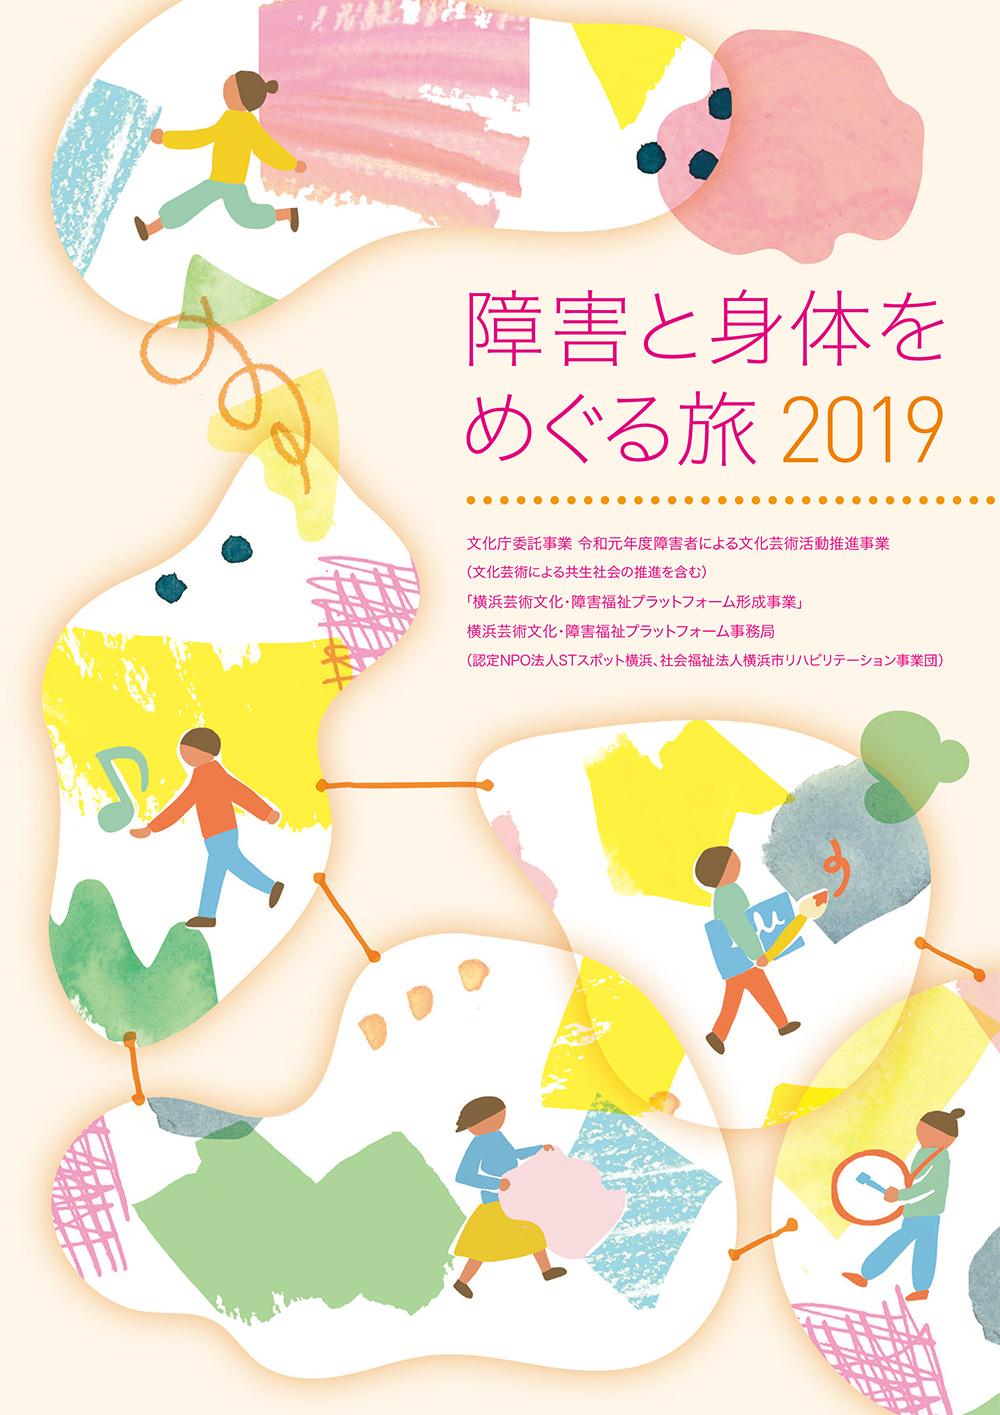 令和元年度記録集 「障害と身体をめぐる旅2019」